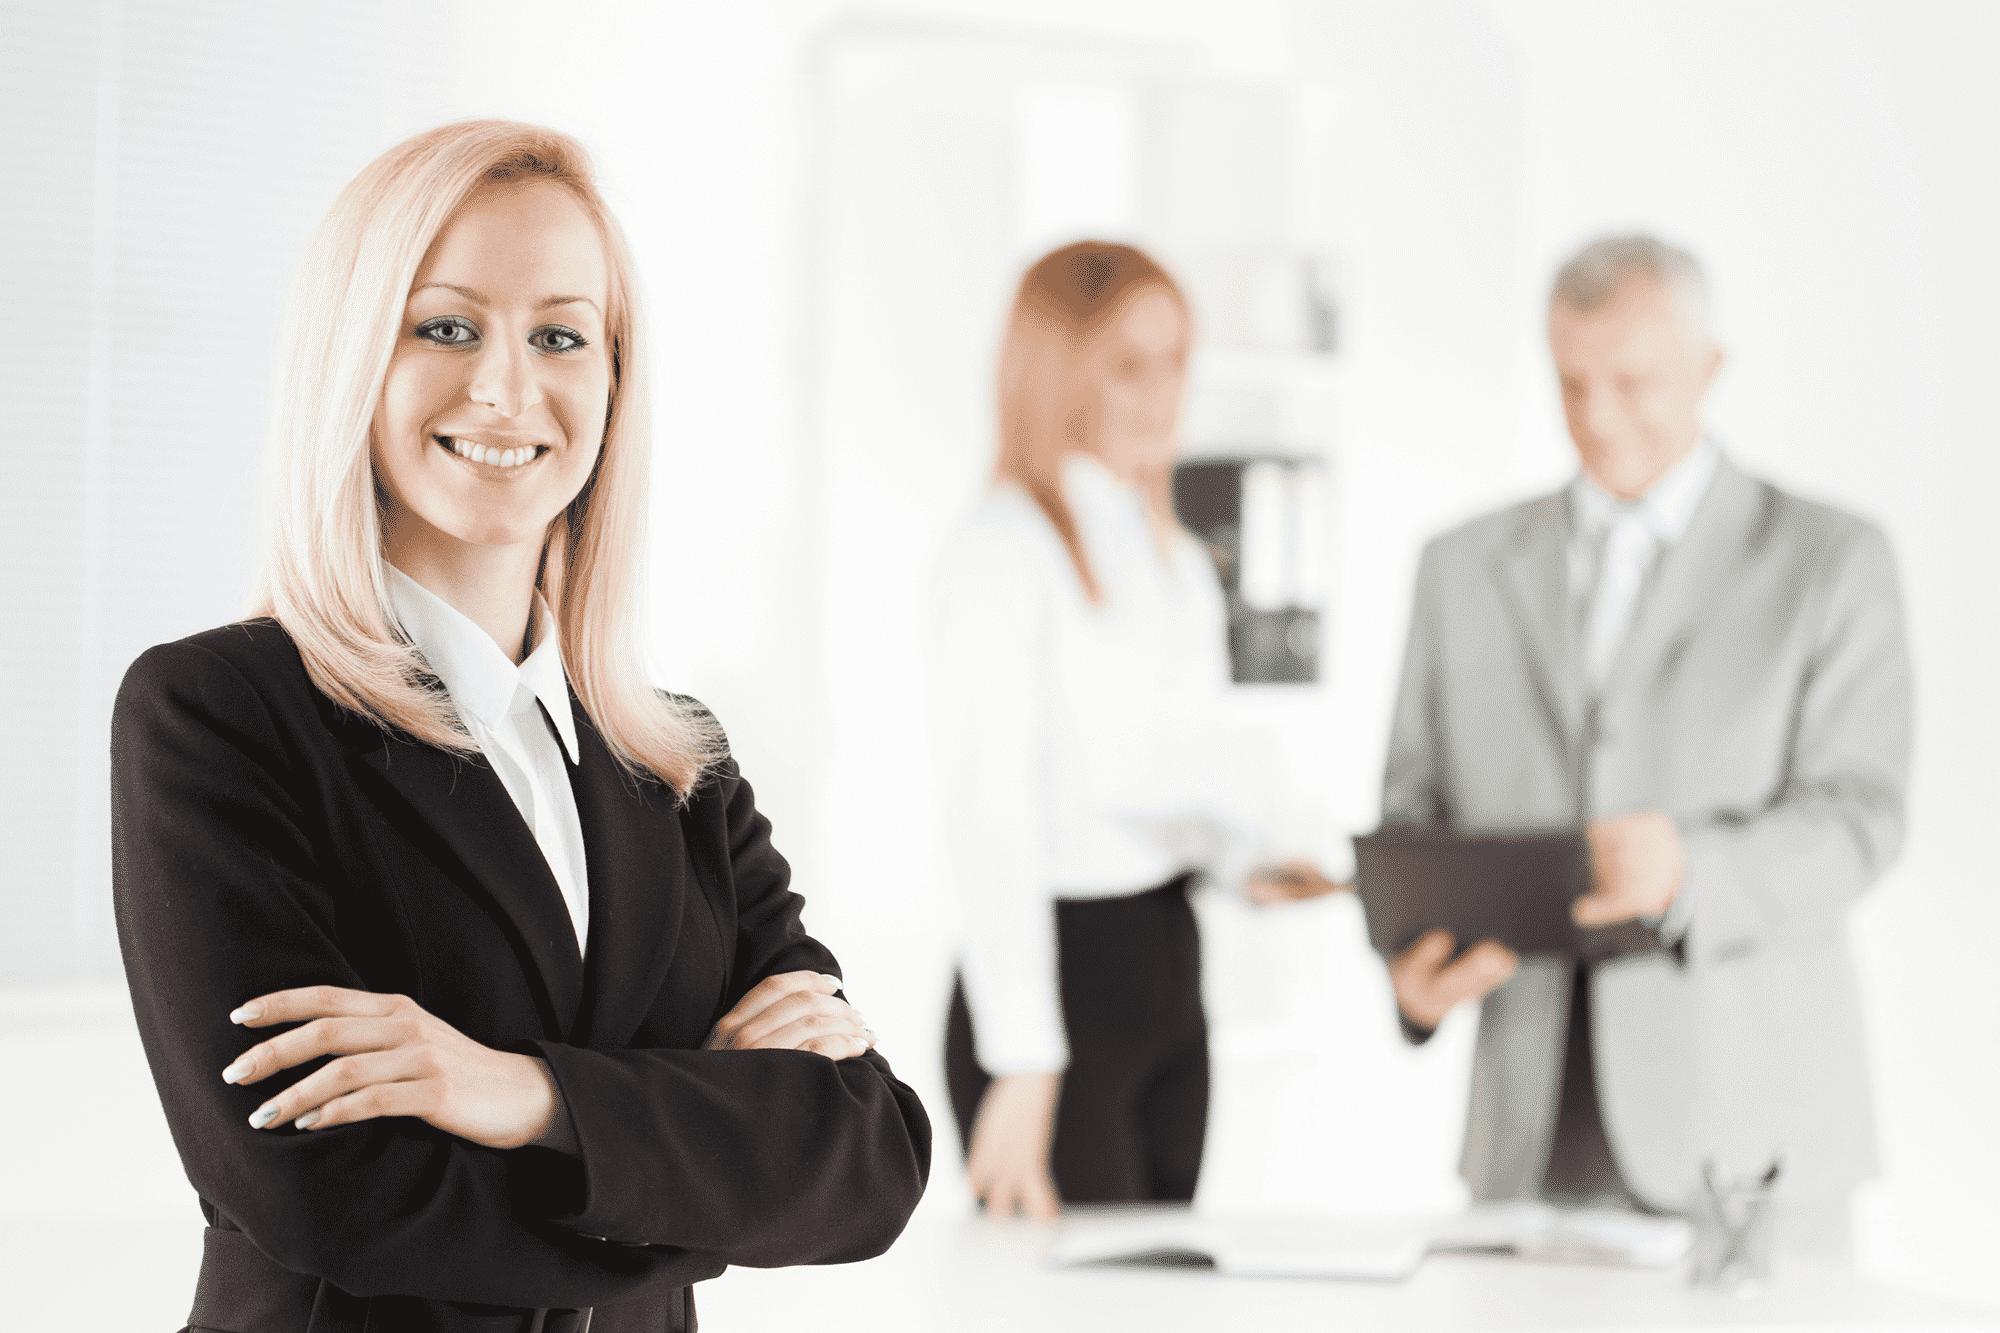 het artikel '4 factoren die elke manager moet kennen'